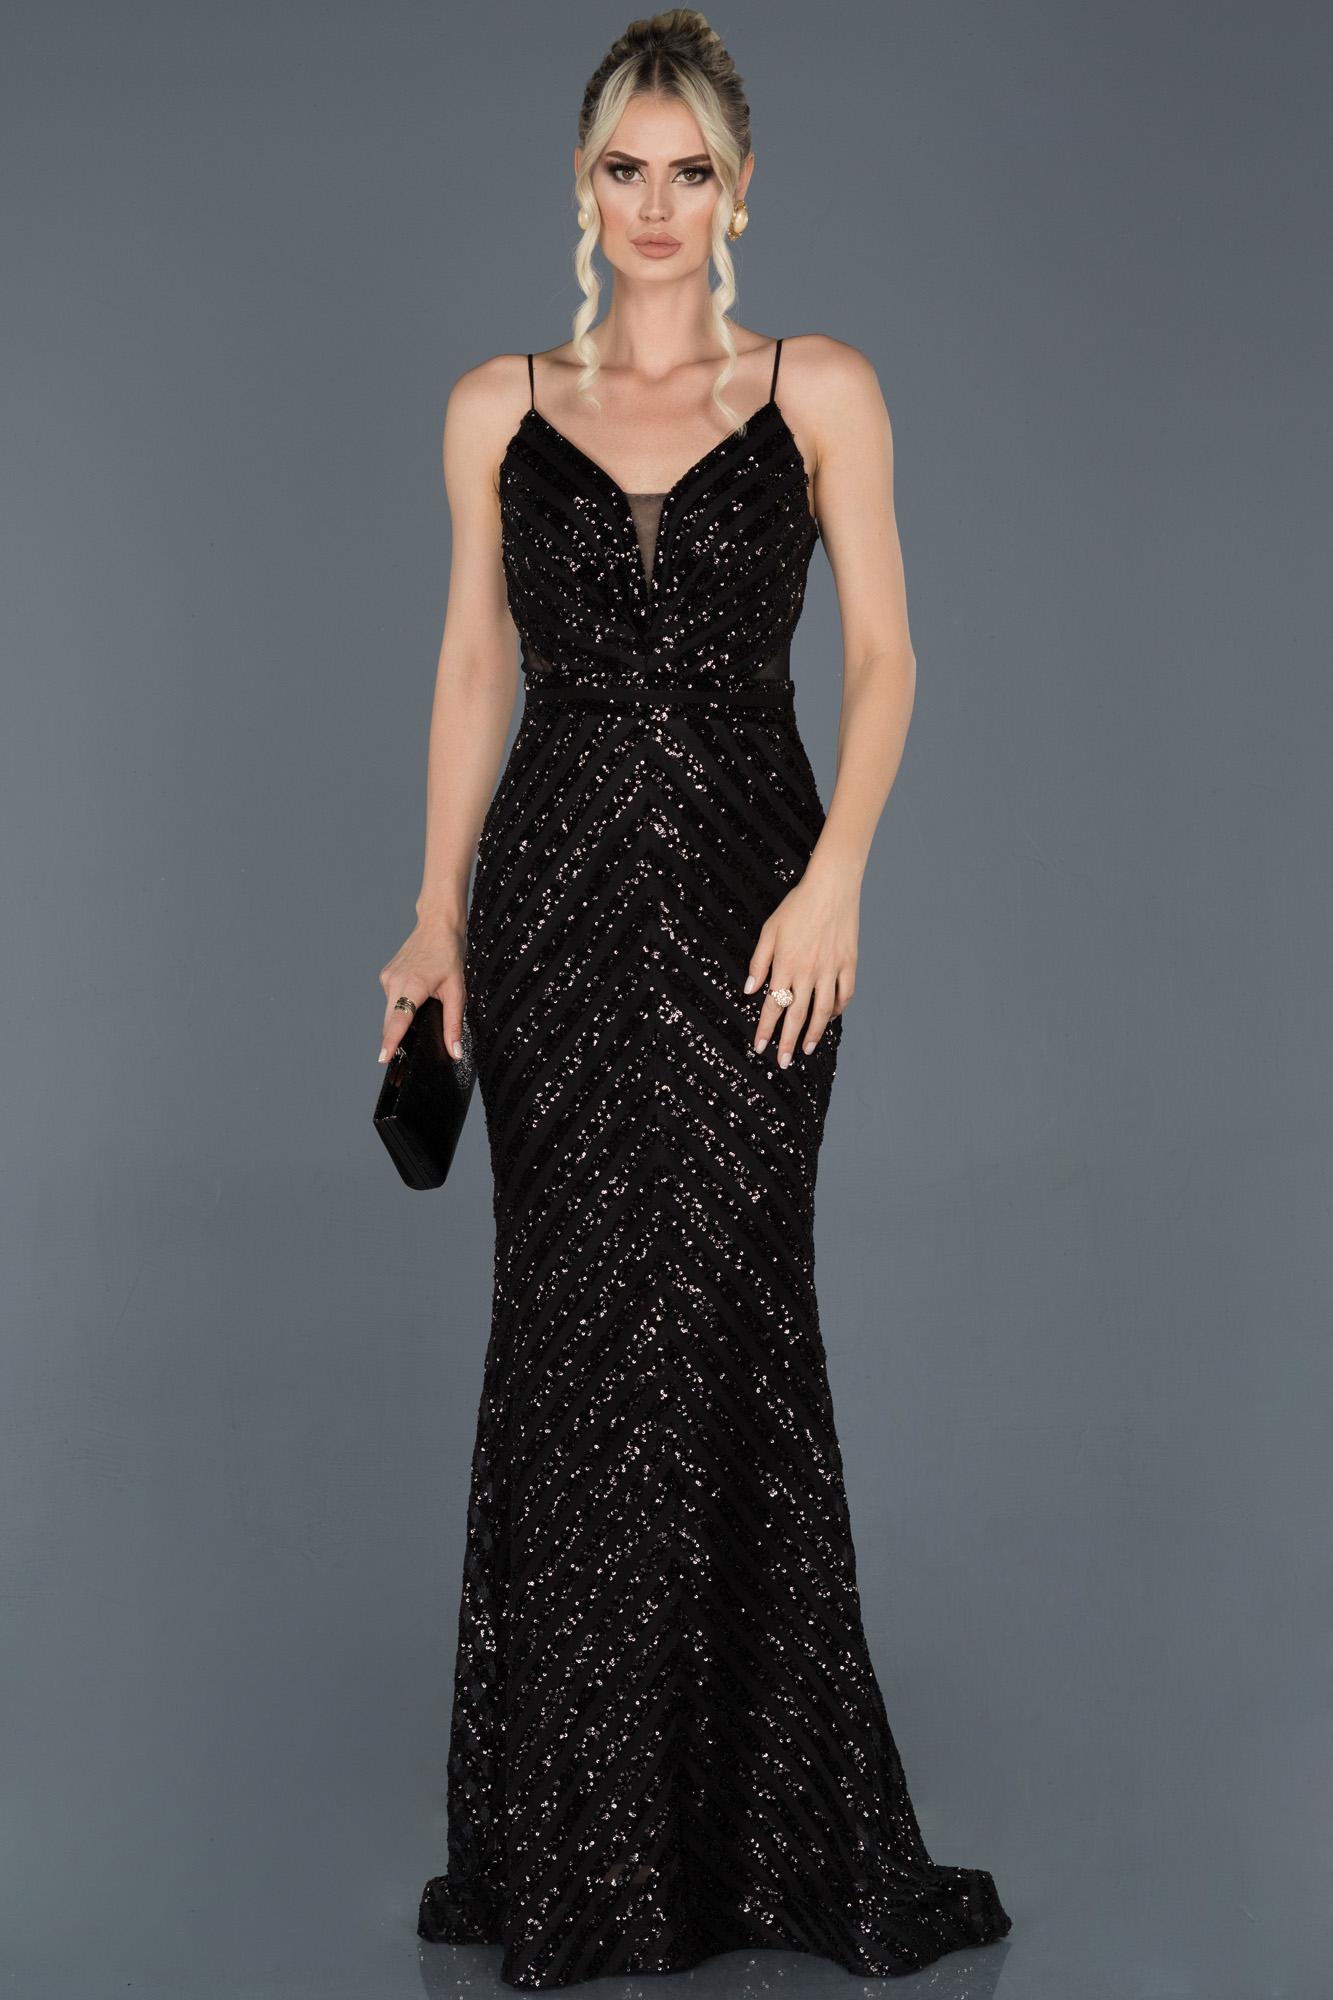 Siyah Uzun Payetli Ip Askılı Balık Abiye Elbise